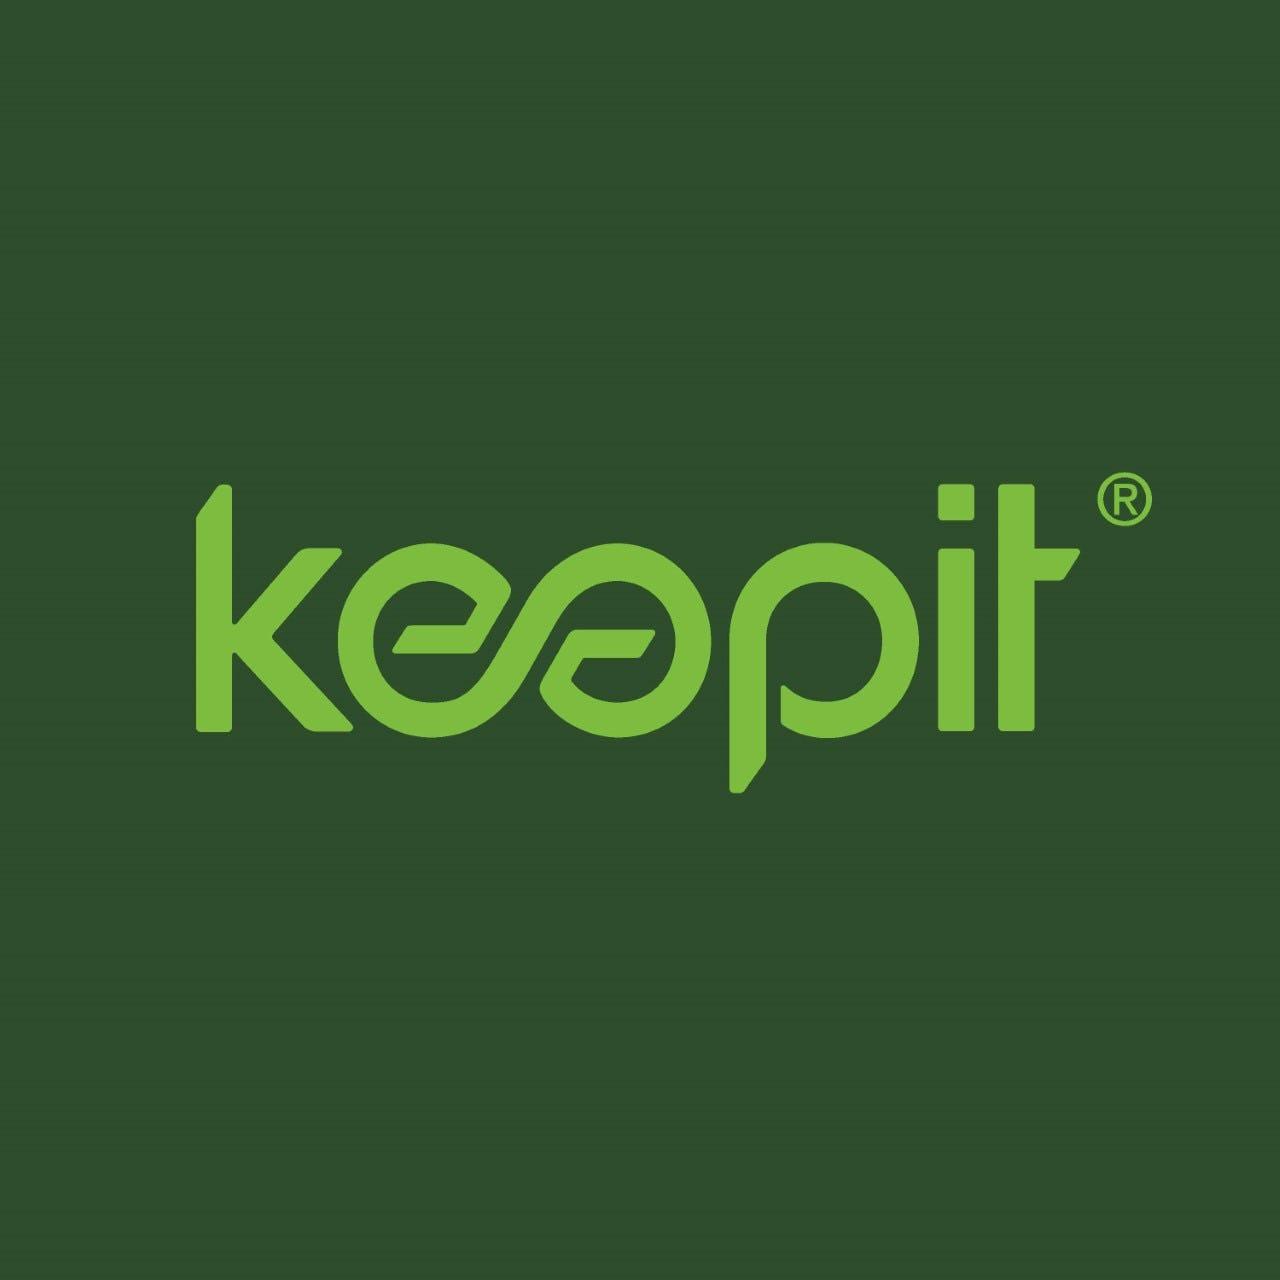 Keepit